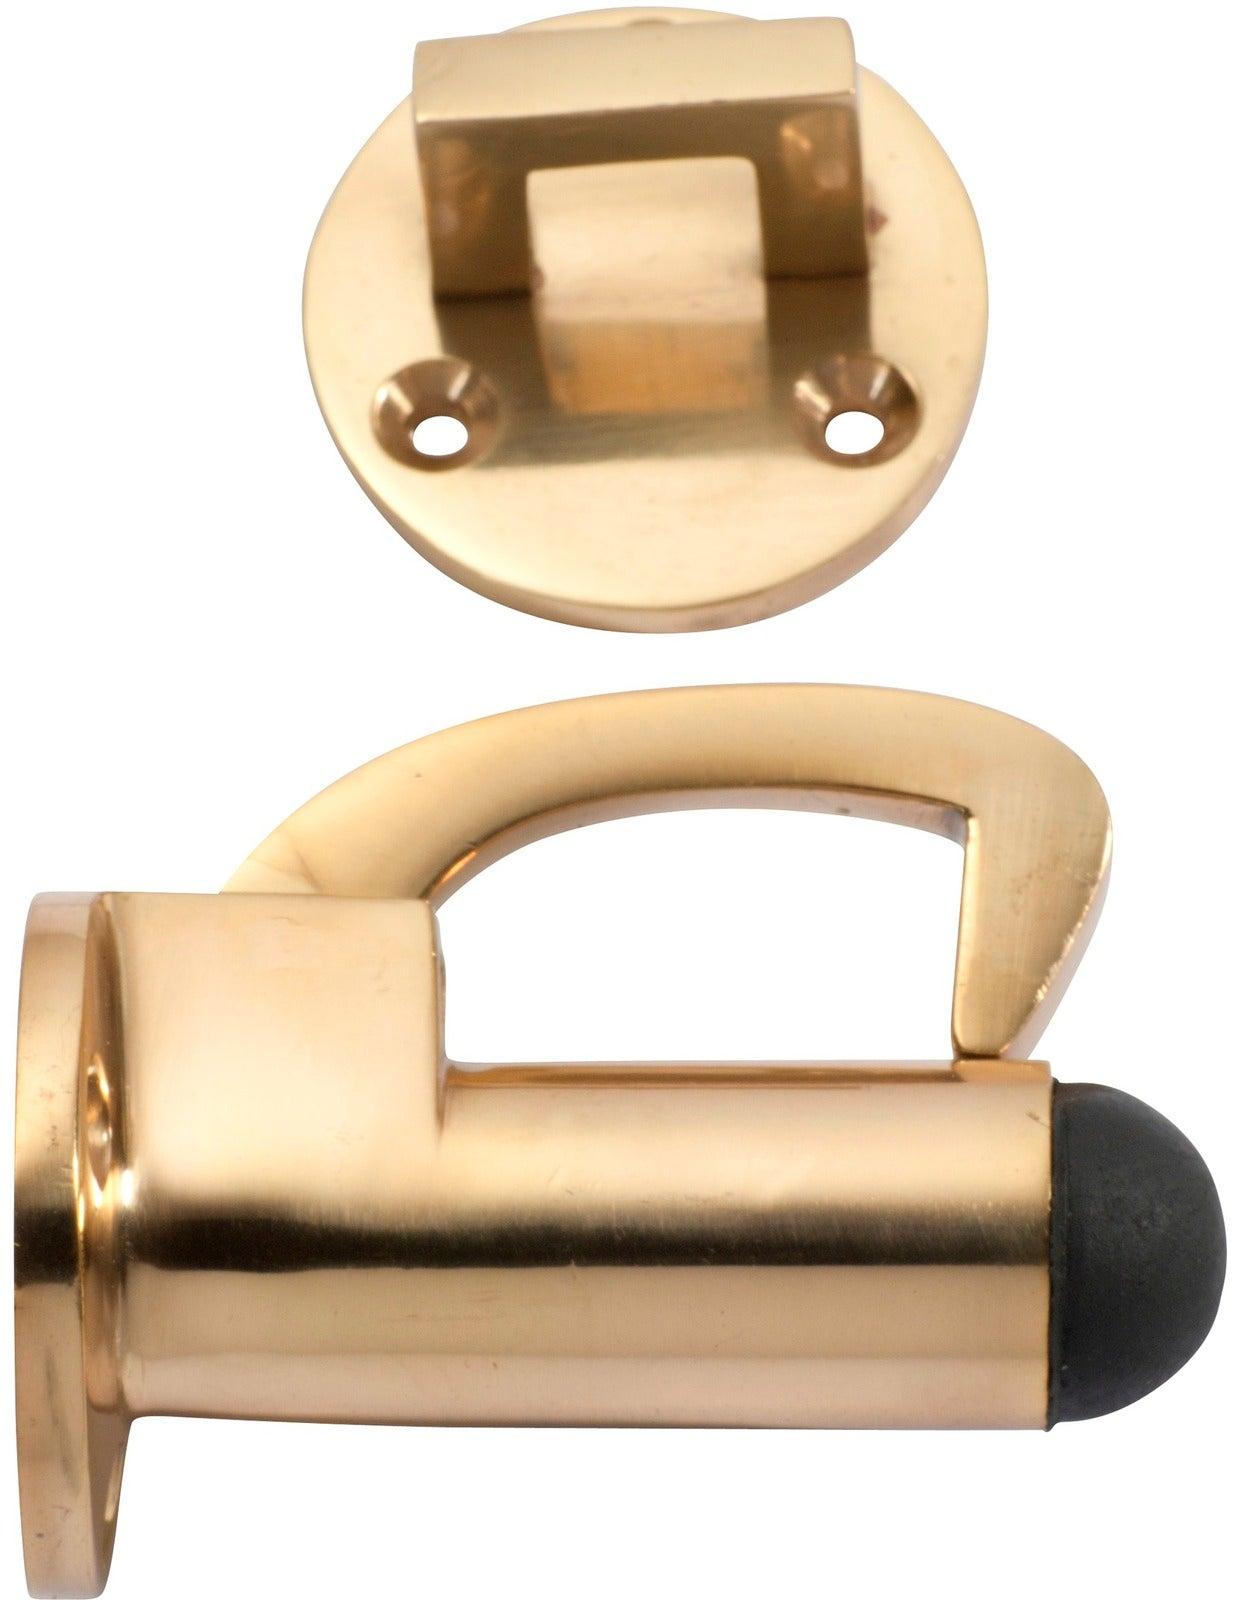 Tradco 1511PB Hook Door Stop Polished Brass P70 D39mm